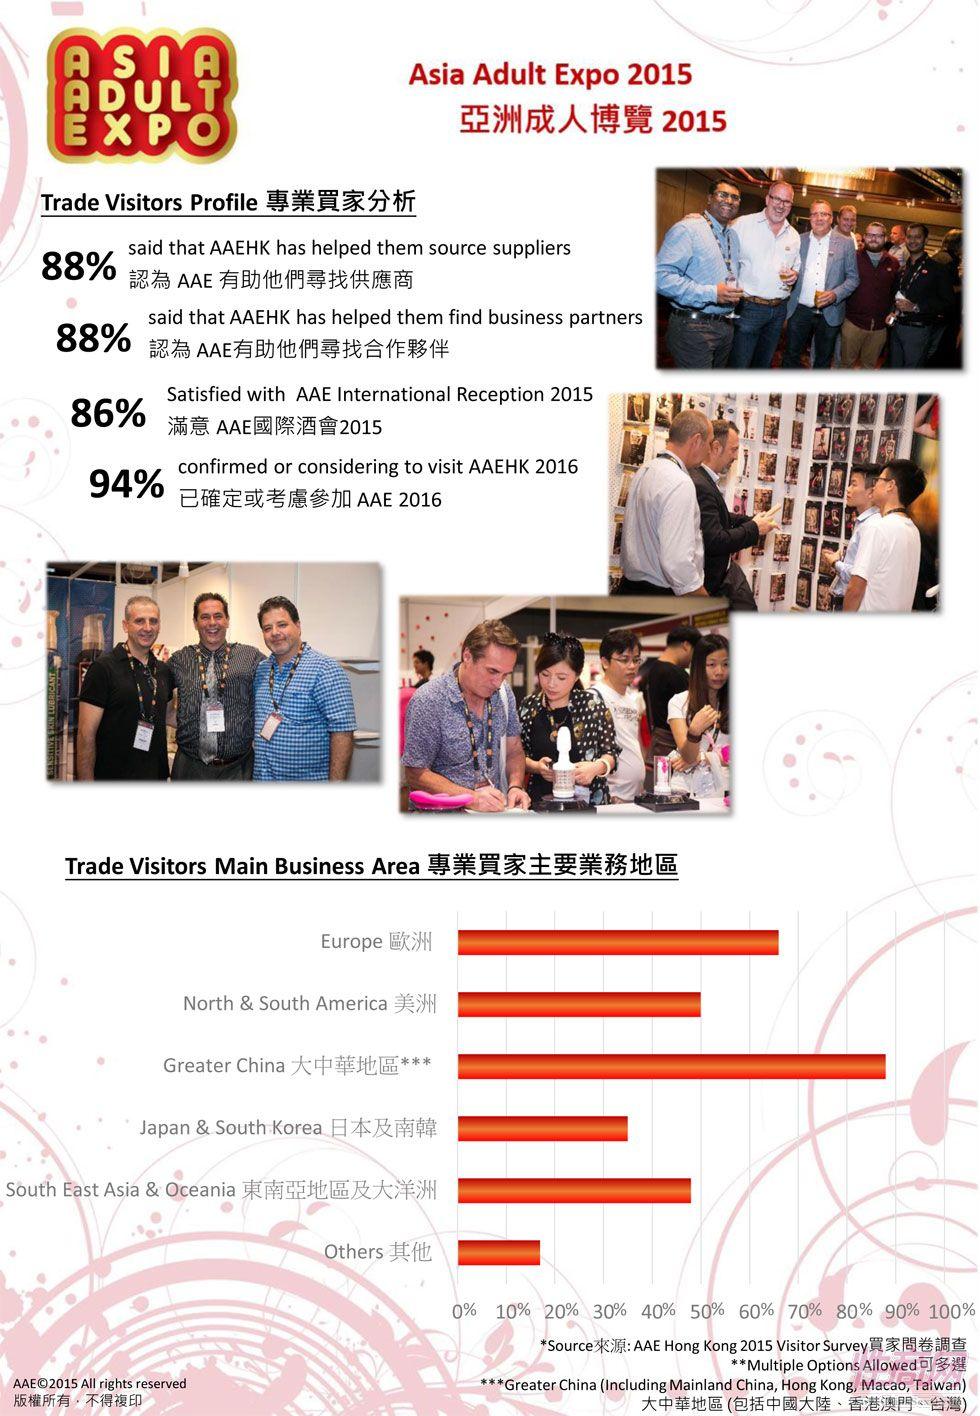 2015(香港)亚洲成人博览数据分析报告图片2